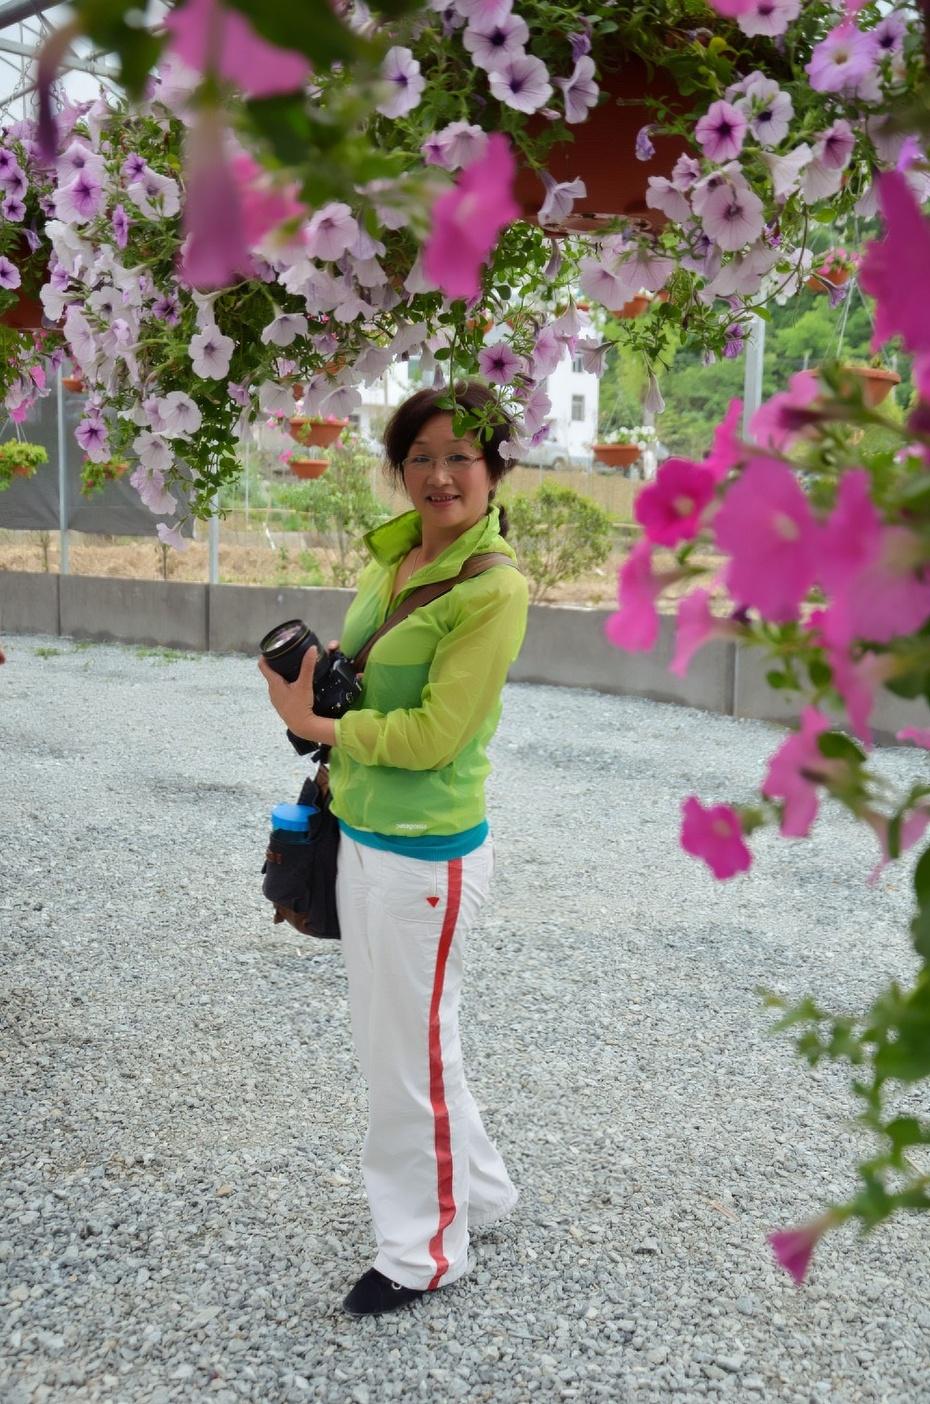 初夏赏花正当时 - 国防绿 - ★☆★国防绿JL★☆★